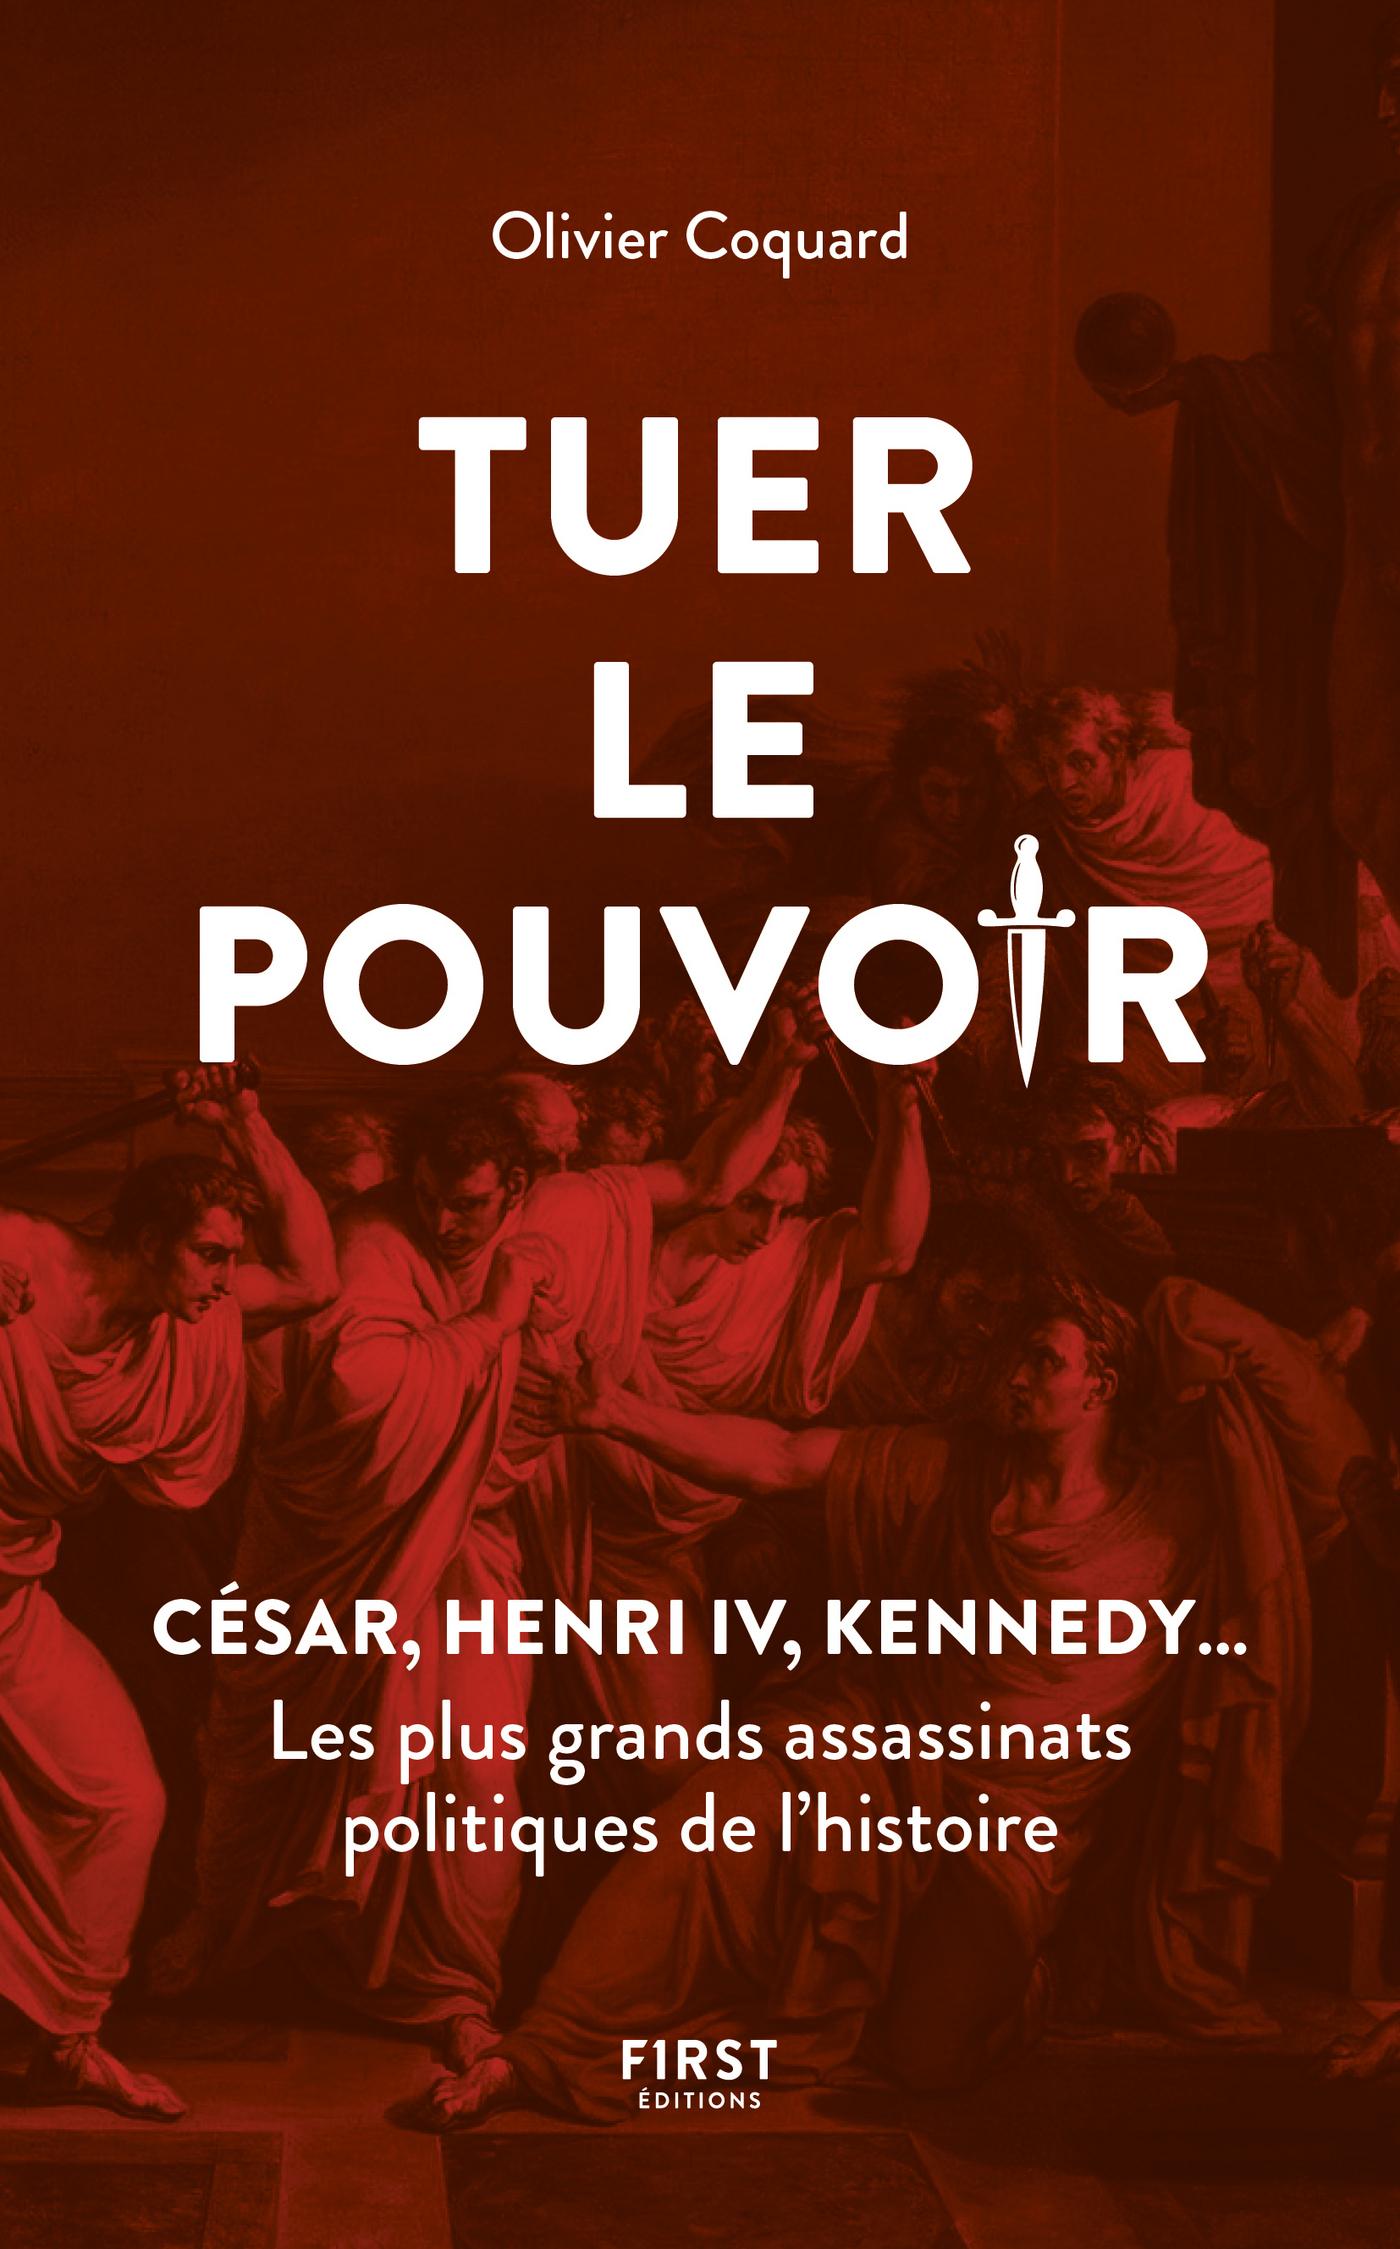 Tuer le pouvoir - César, Henri IV, Kennedy... Les plus grands assassinats politiques de l'histoire